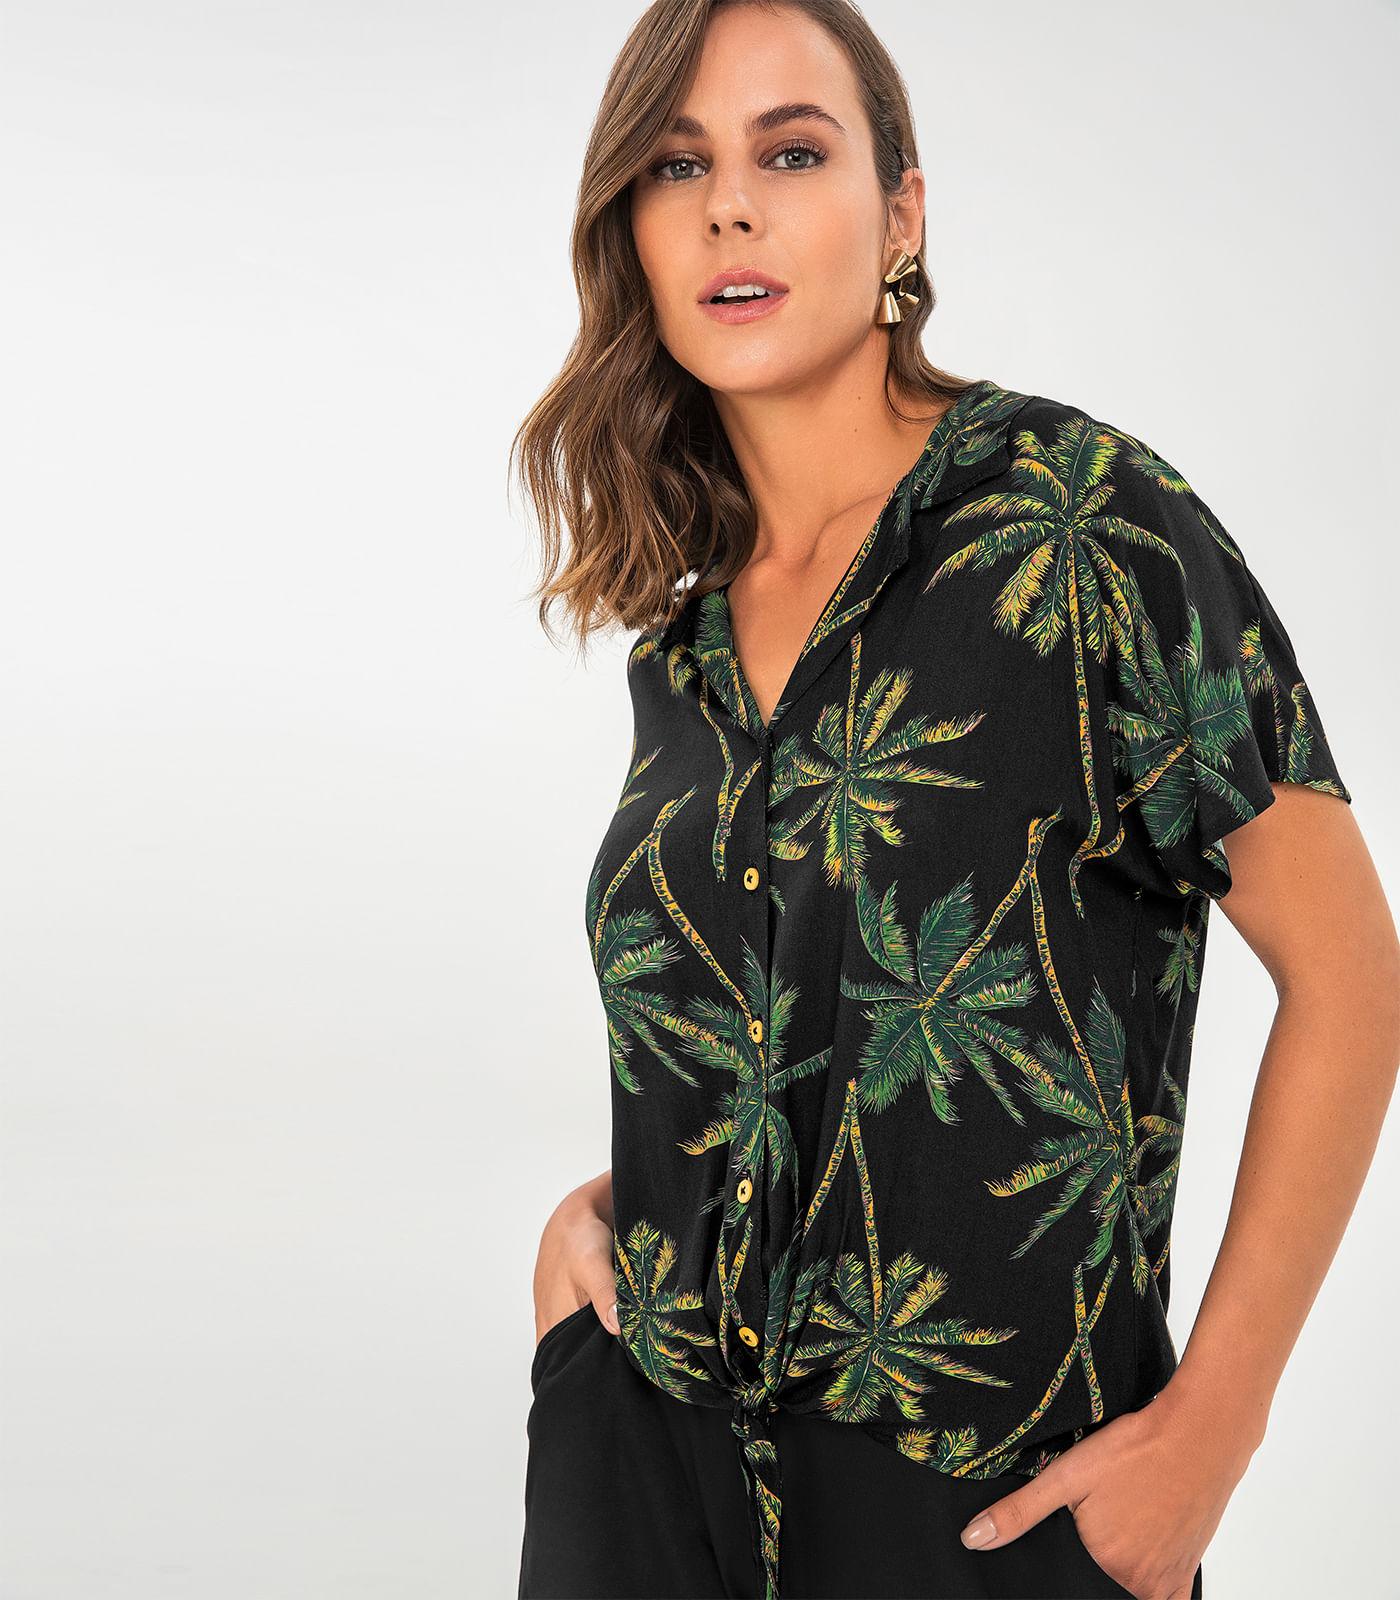 Camisa-Feminina-Estampada-Rovitex-Preto